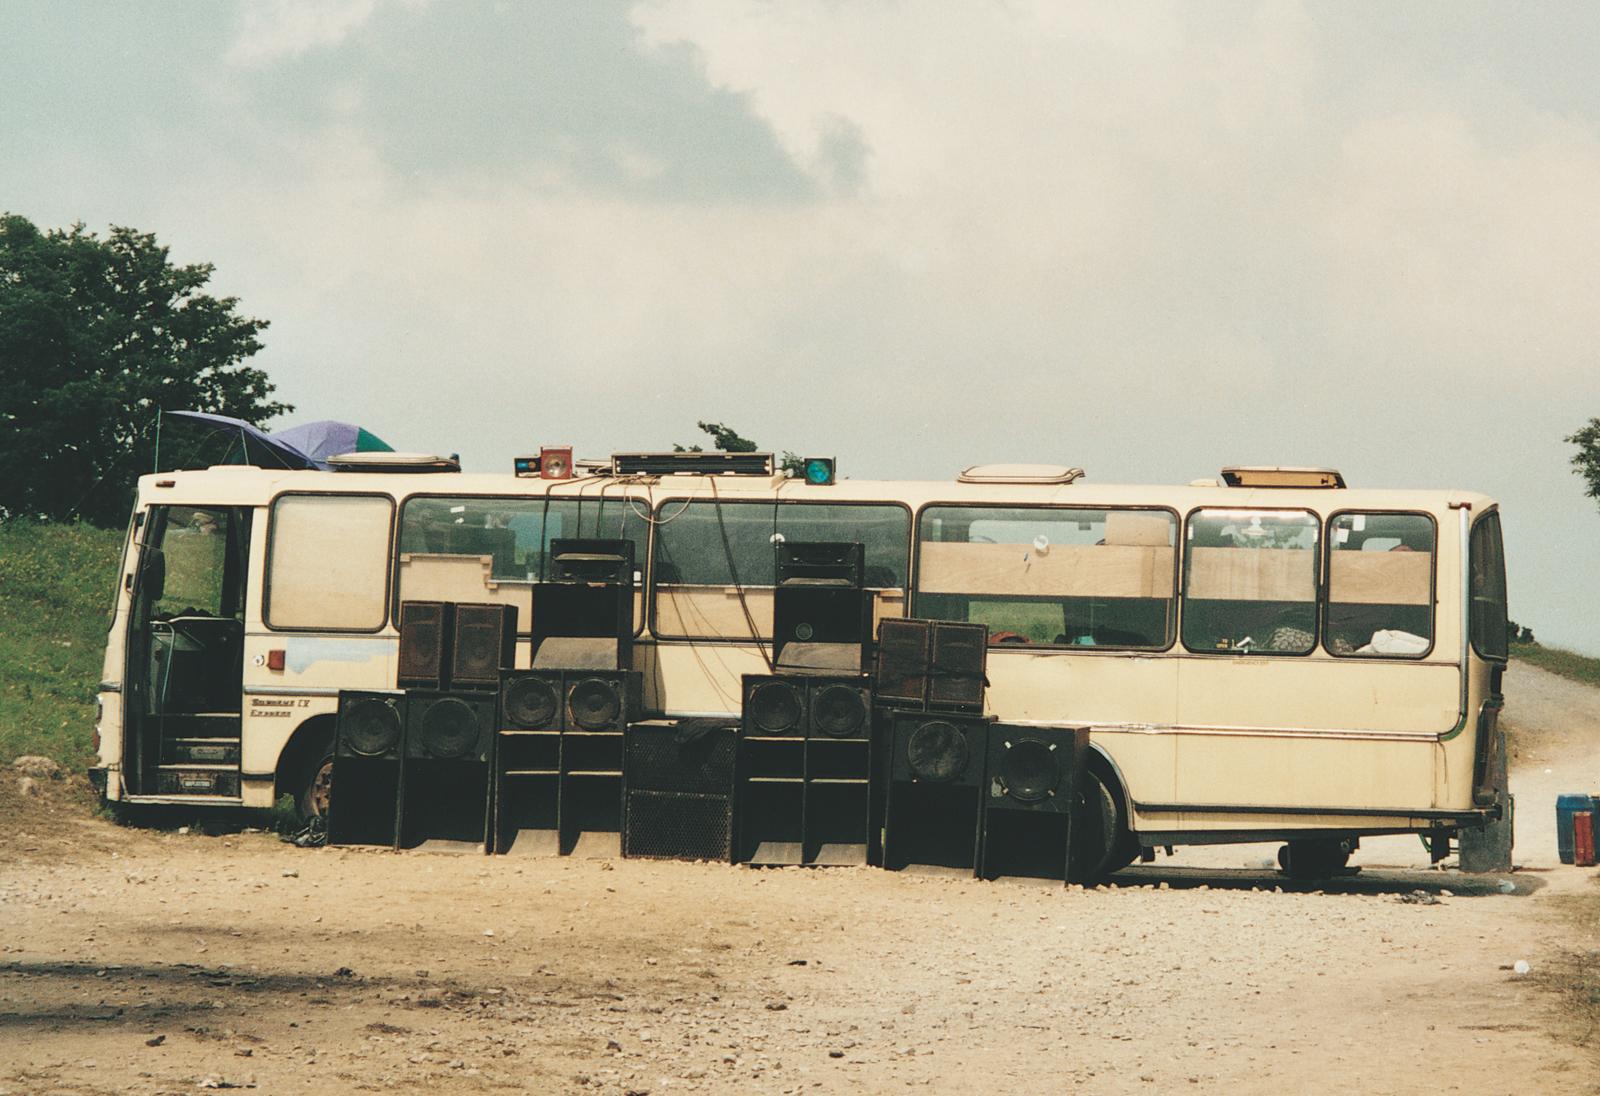 Vinca Petersen: Bus and Rig